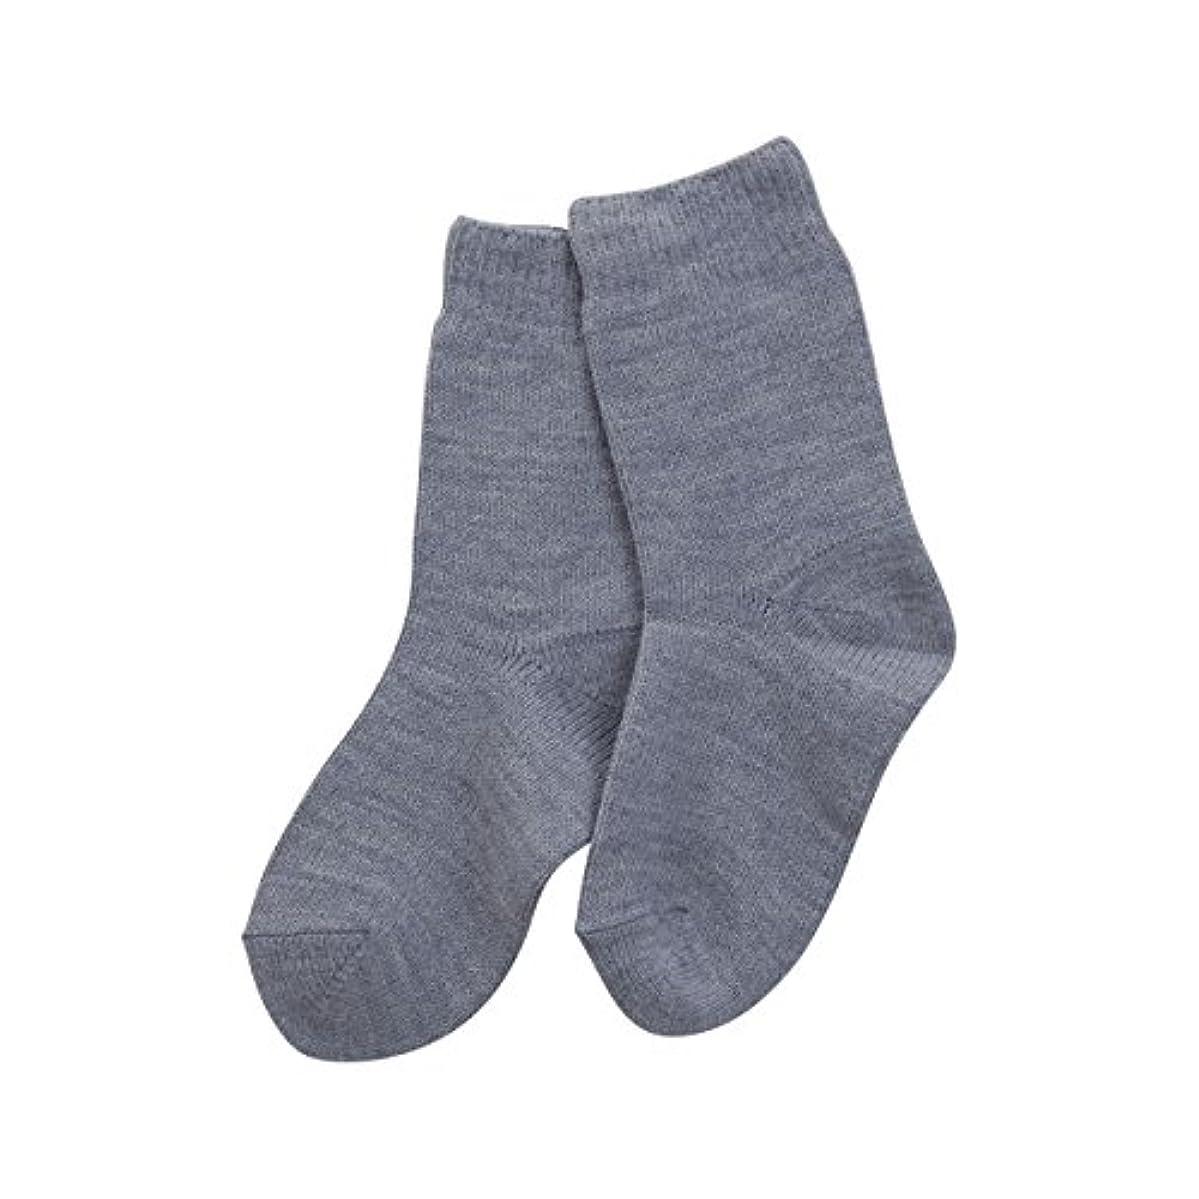 ブロッサム海港宇宙飛行士(コベス) KOBES ゴムなし 毛混 超ゆったり特大サイズ 大きいサイズ 靴下 日本製 婦人靴下